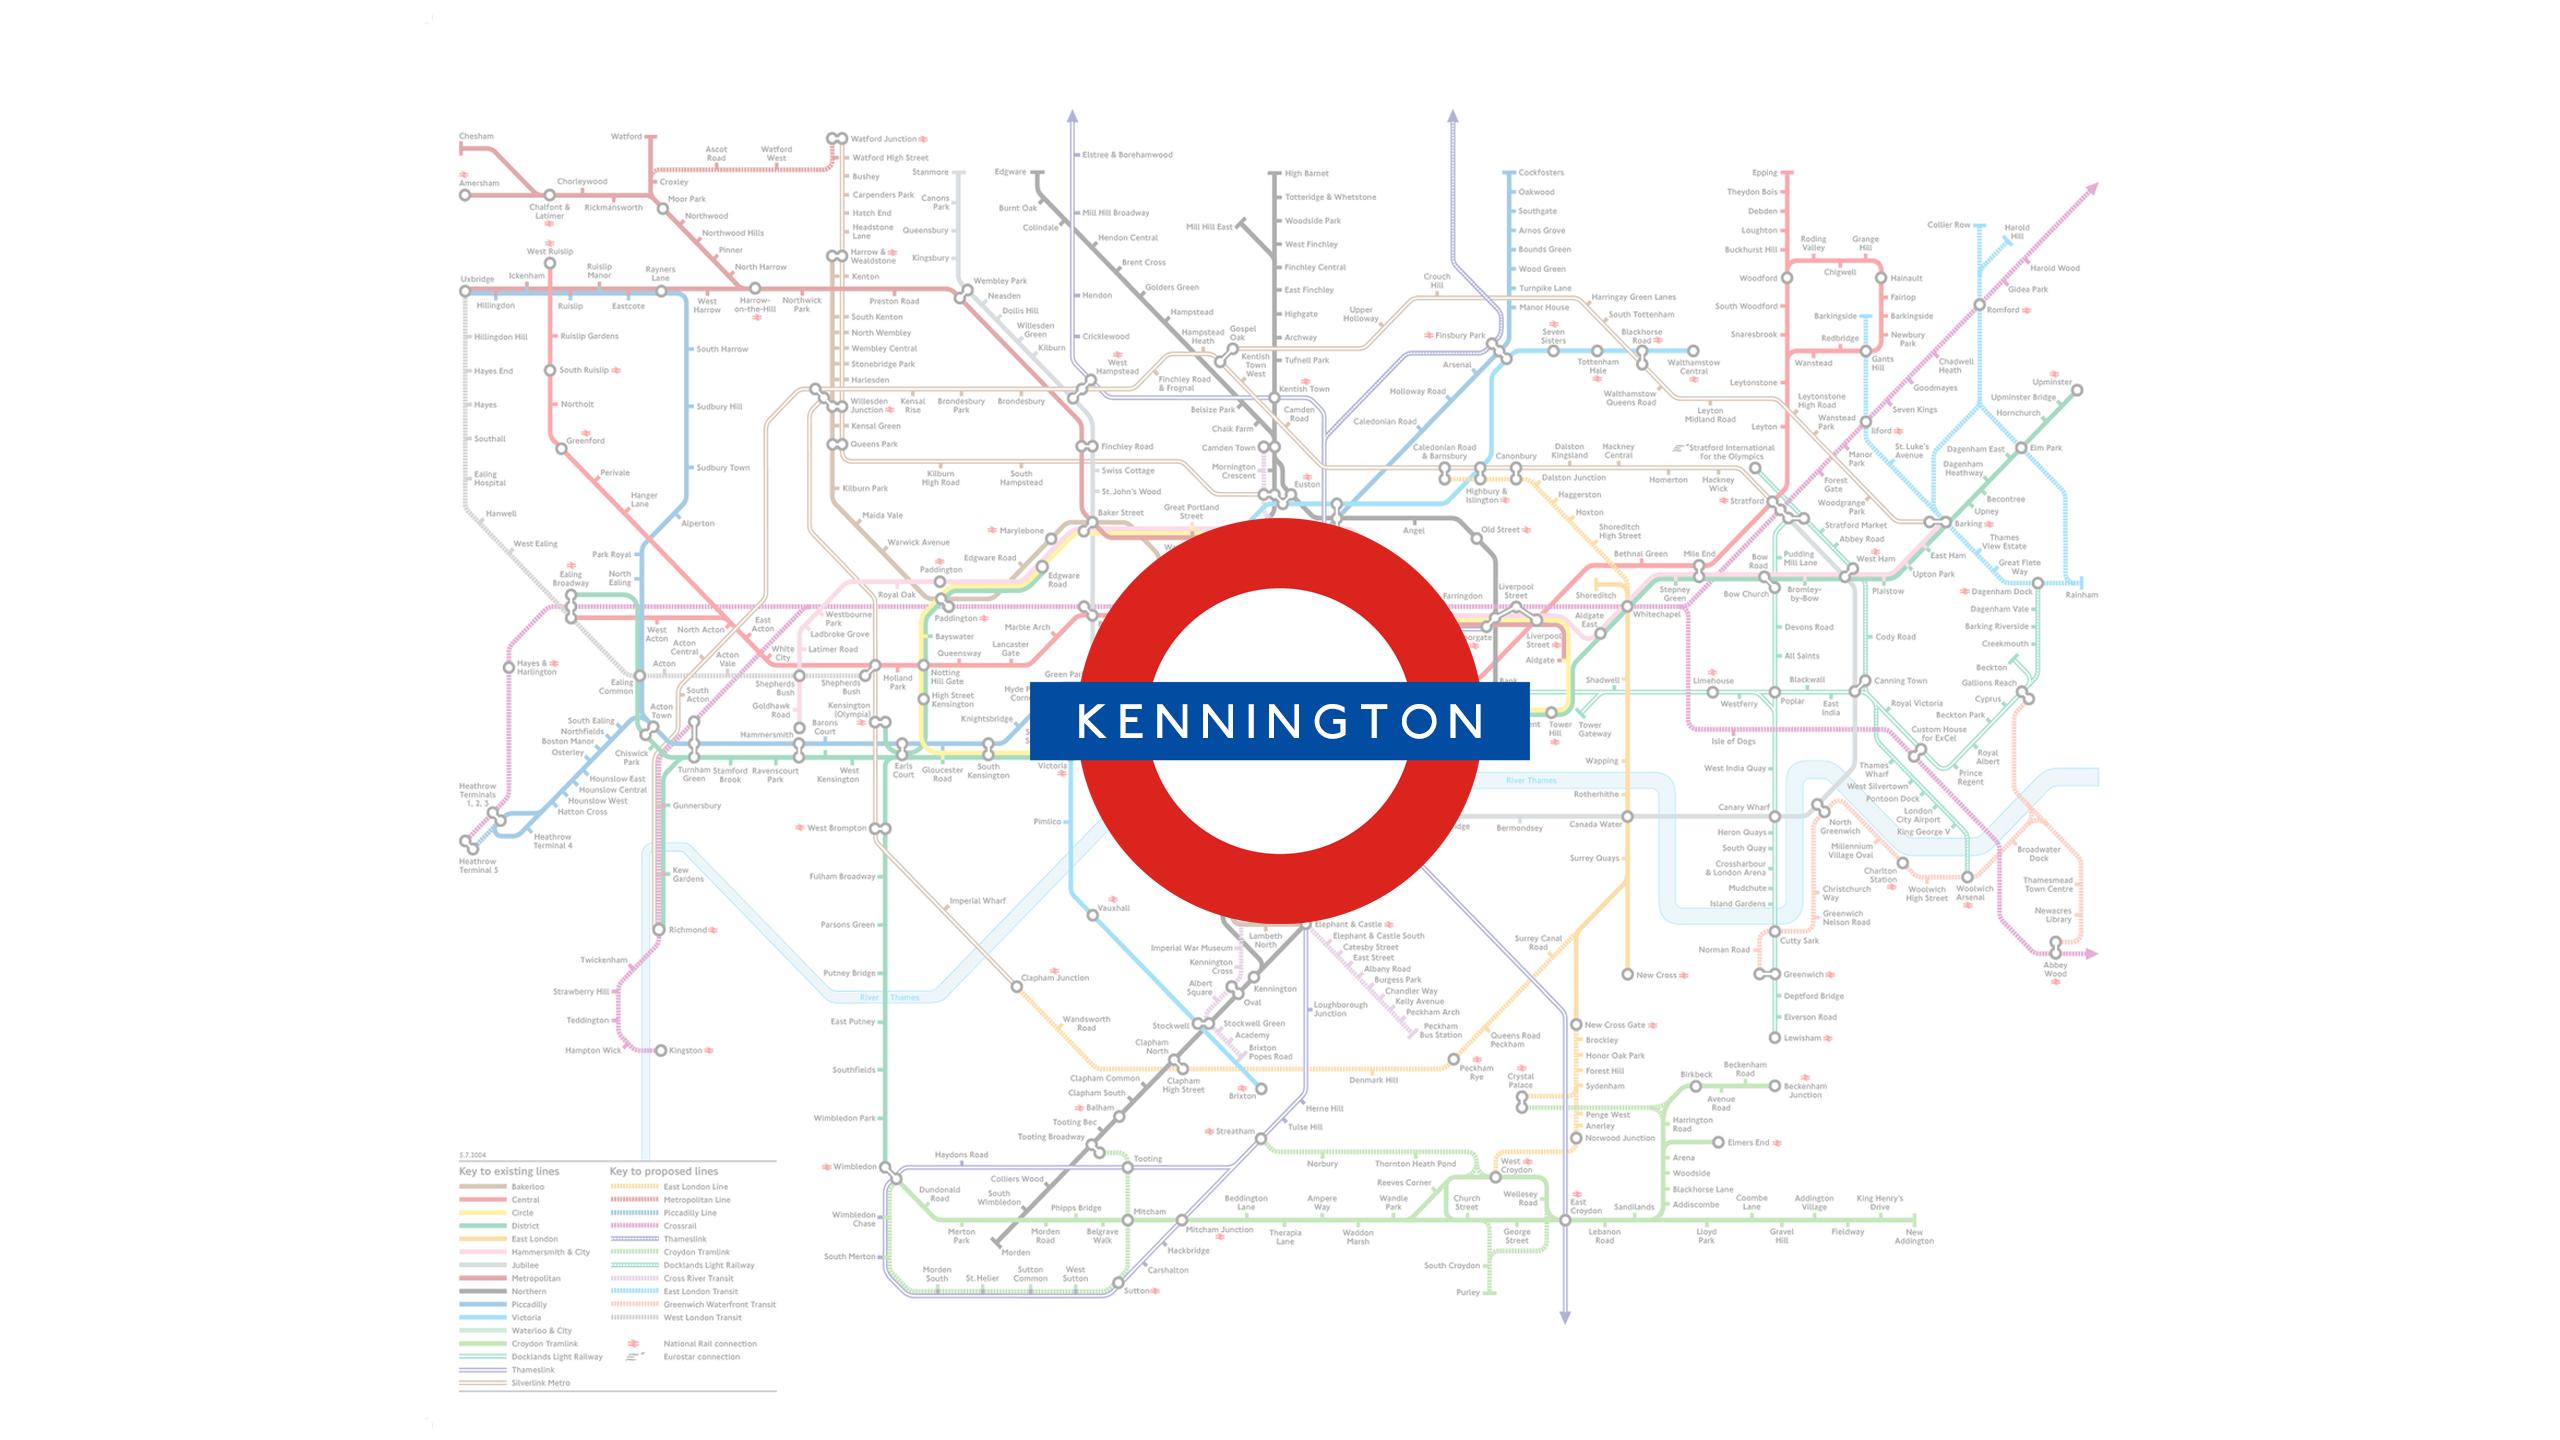 Kennington (Map)